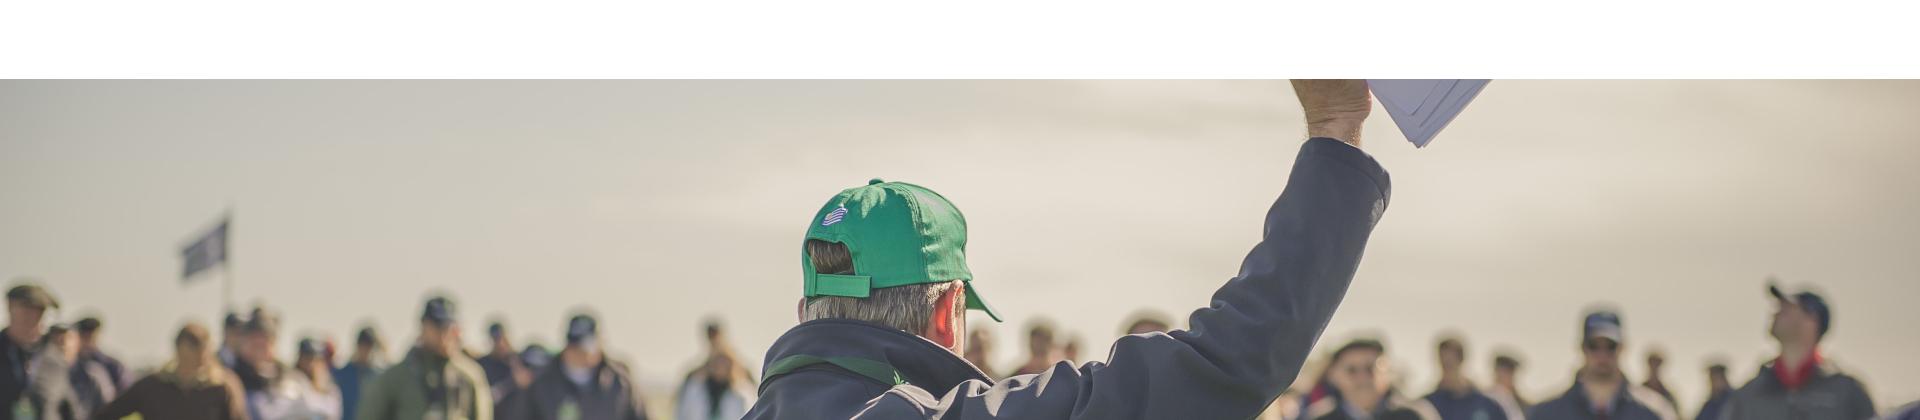 Pasturas 2019. Objetivo: ganadería de precisión. Articulando tecnologías forrajeras para mejorar el resultado ganadero